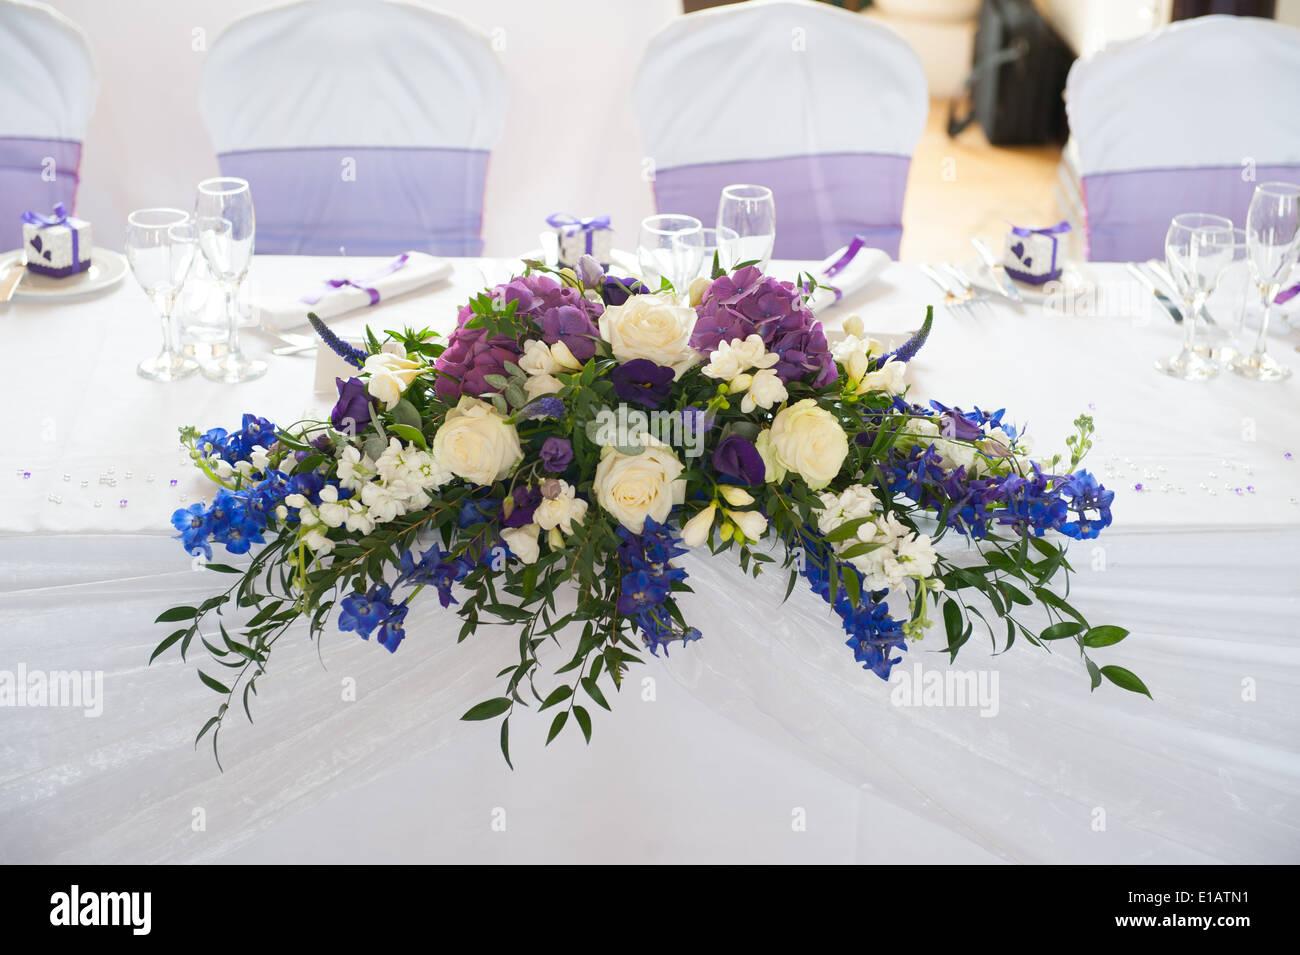 Hochzeit Tisch Blumen In Weiss Und Lila Stockfoto Bild 69695053 Alamy